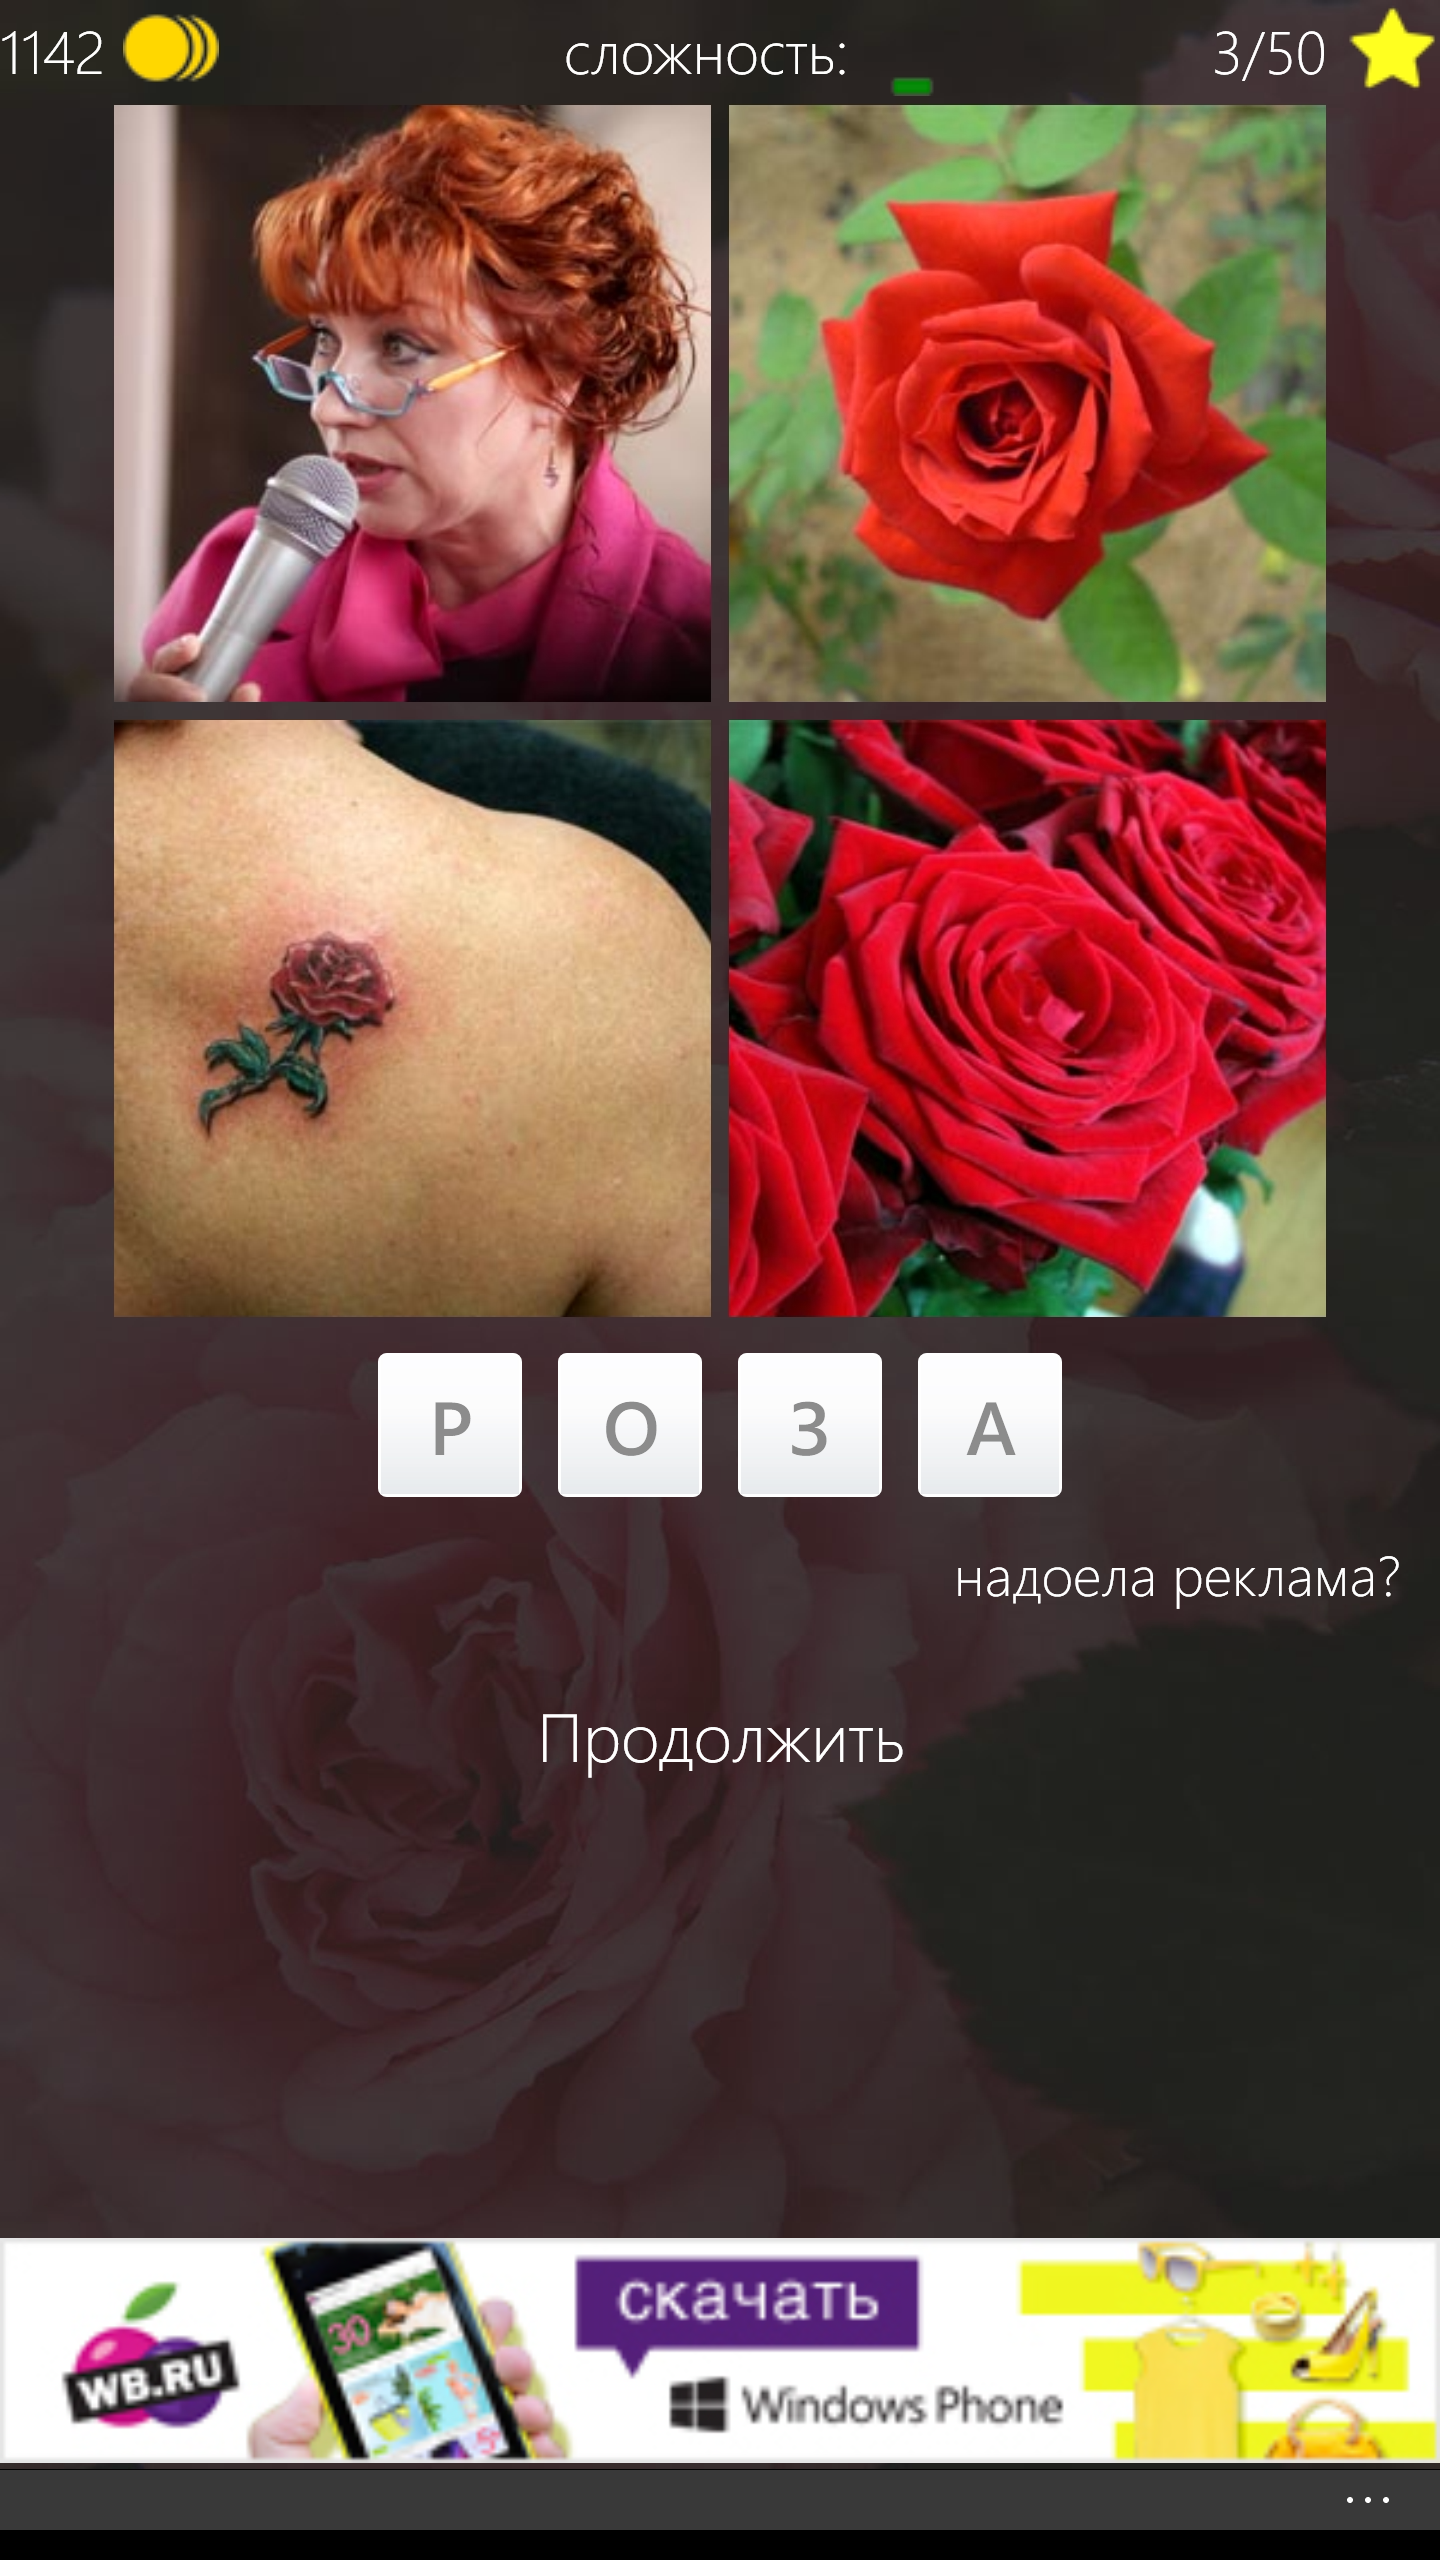 Конфета цветок 4 фото одно слово